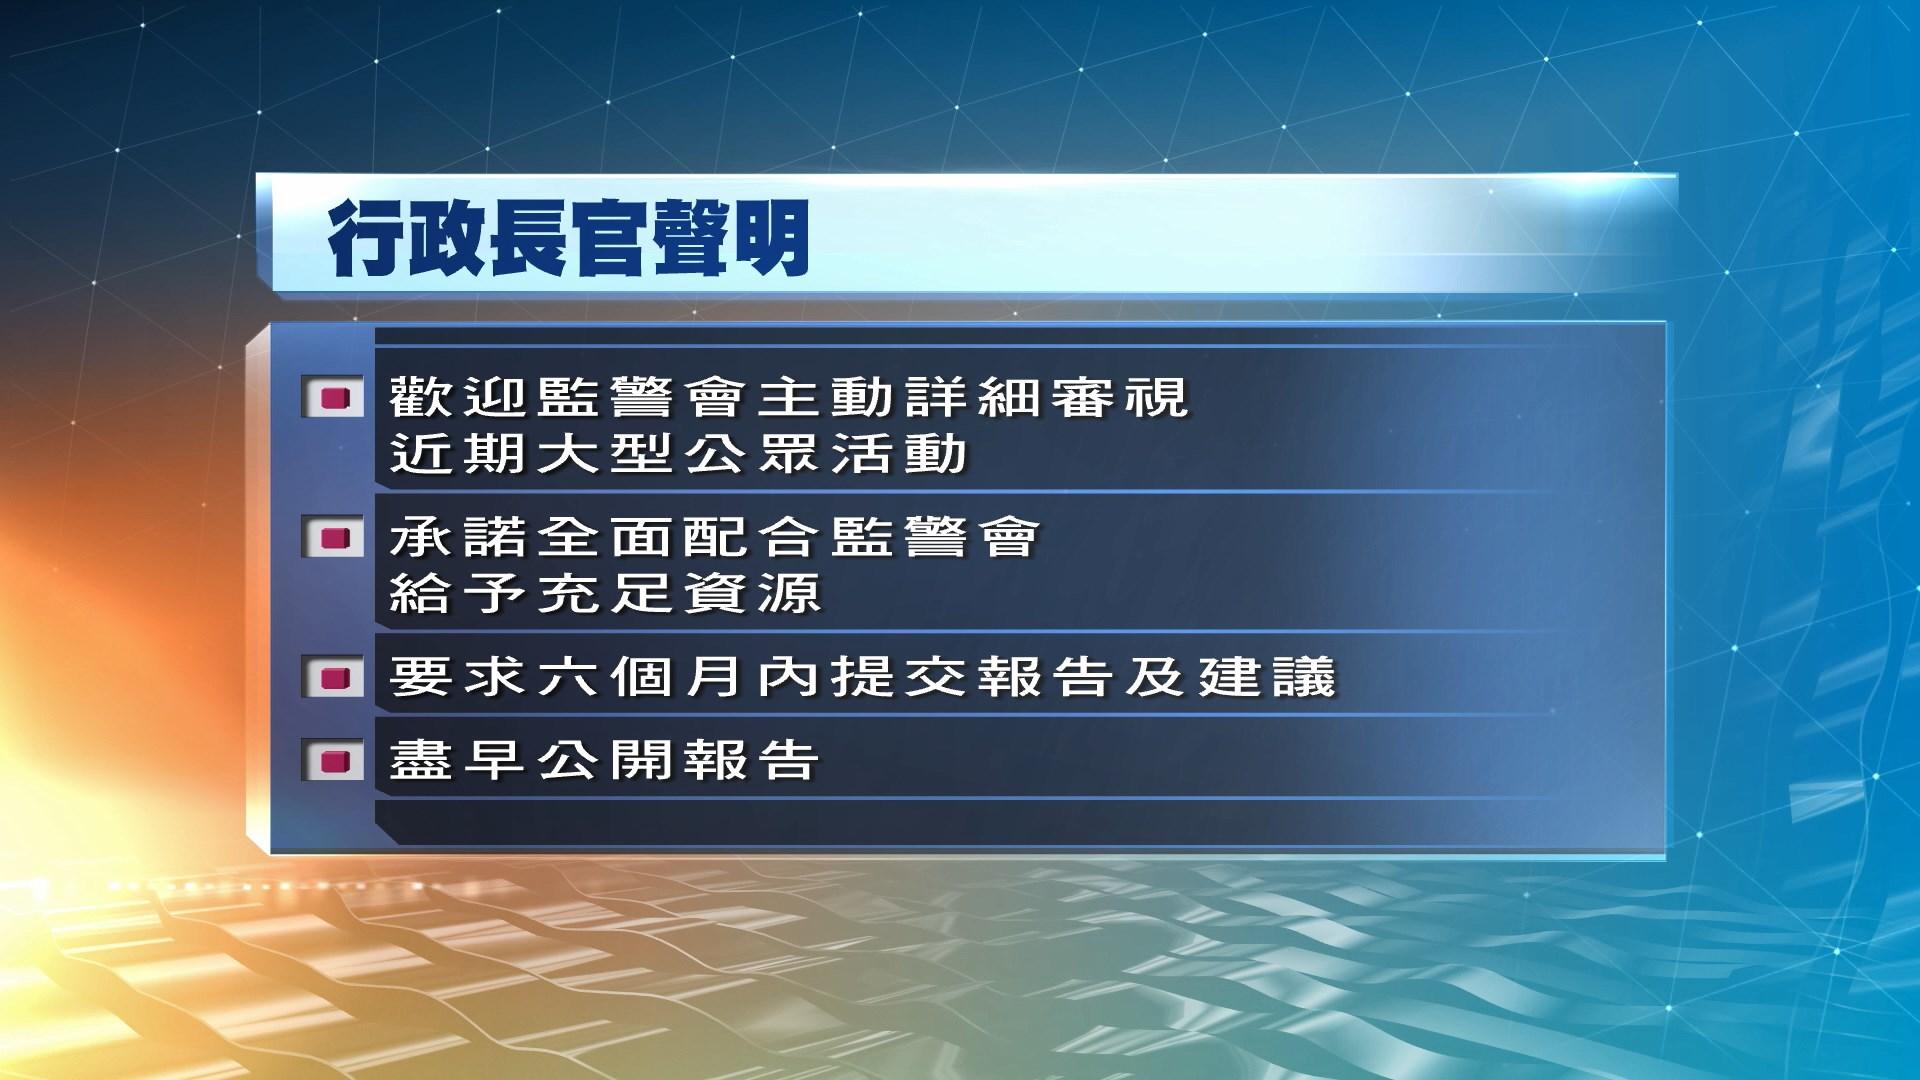 林鄭︰歡迎監警會主動審視近期大型公眾活動